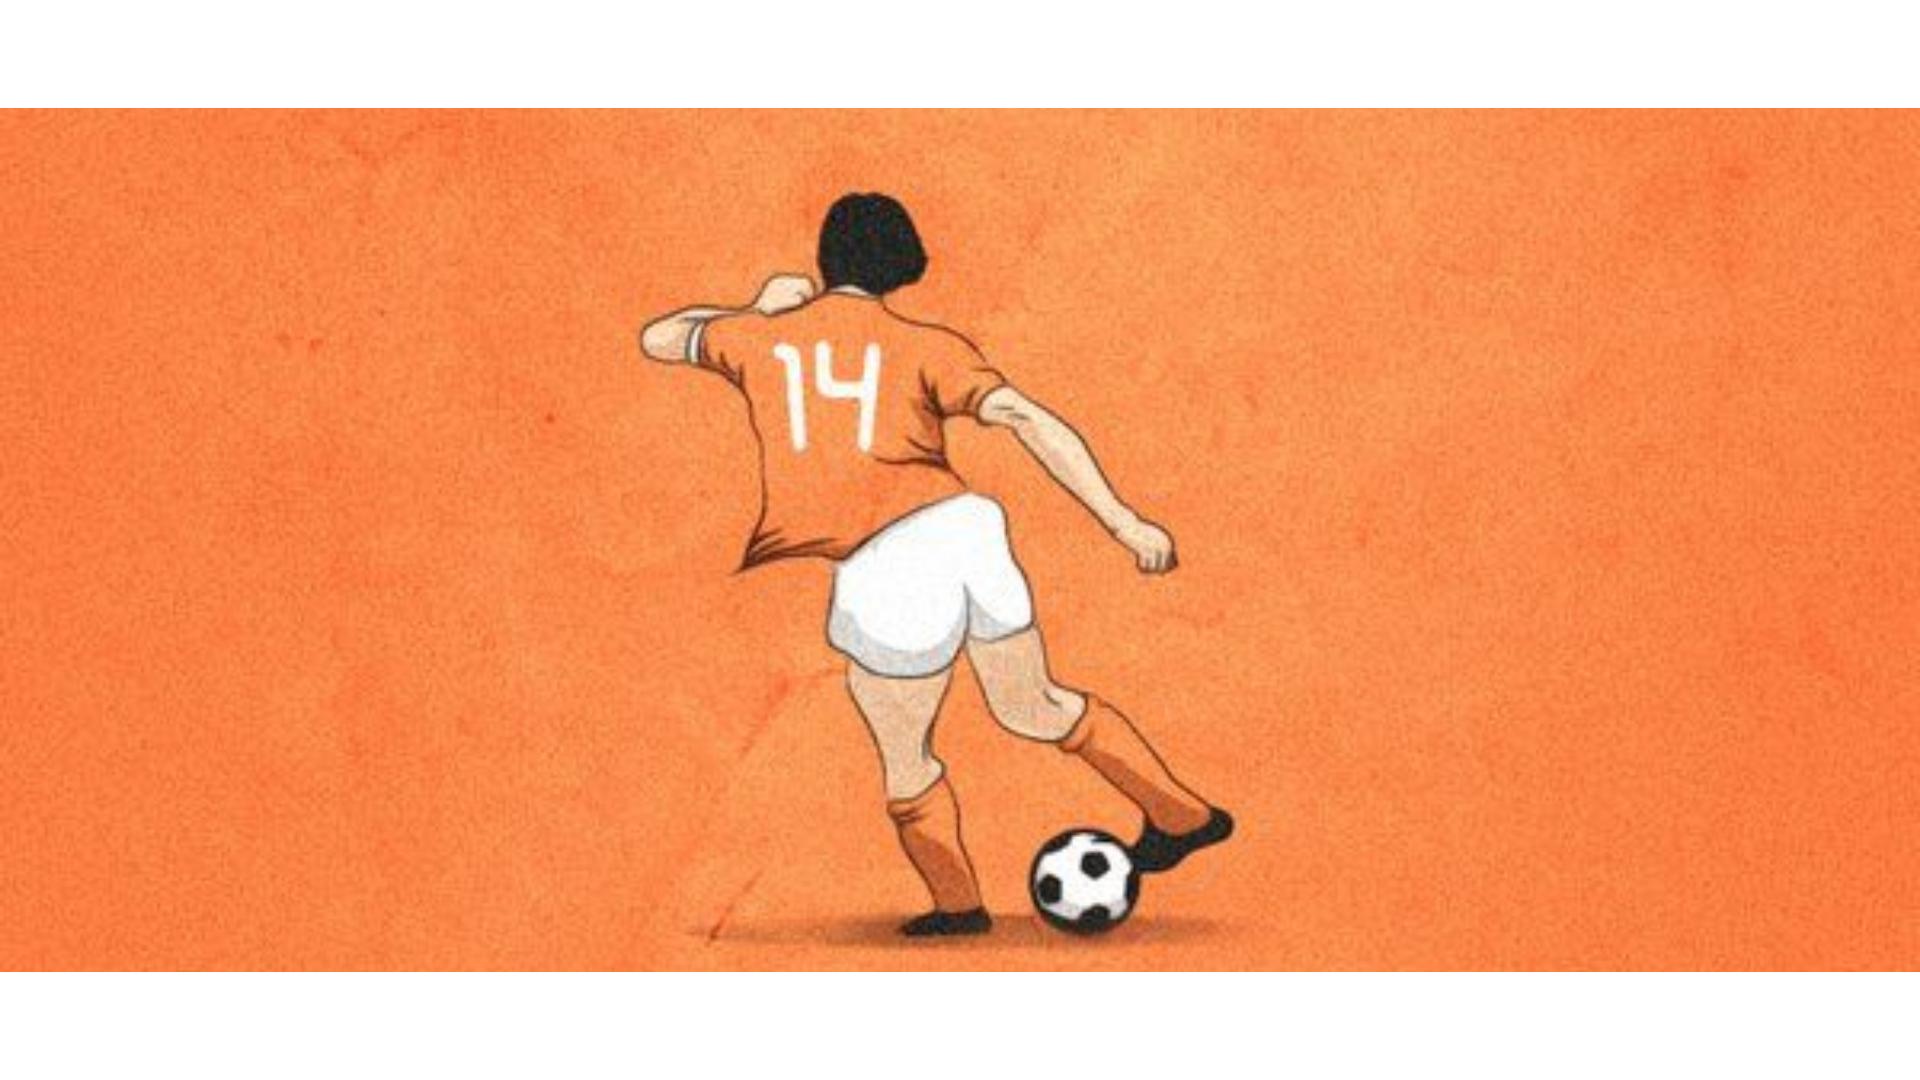 cruyff dönüşü harekeni gösteren bir çizim görseli.